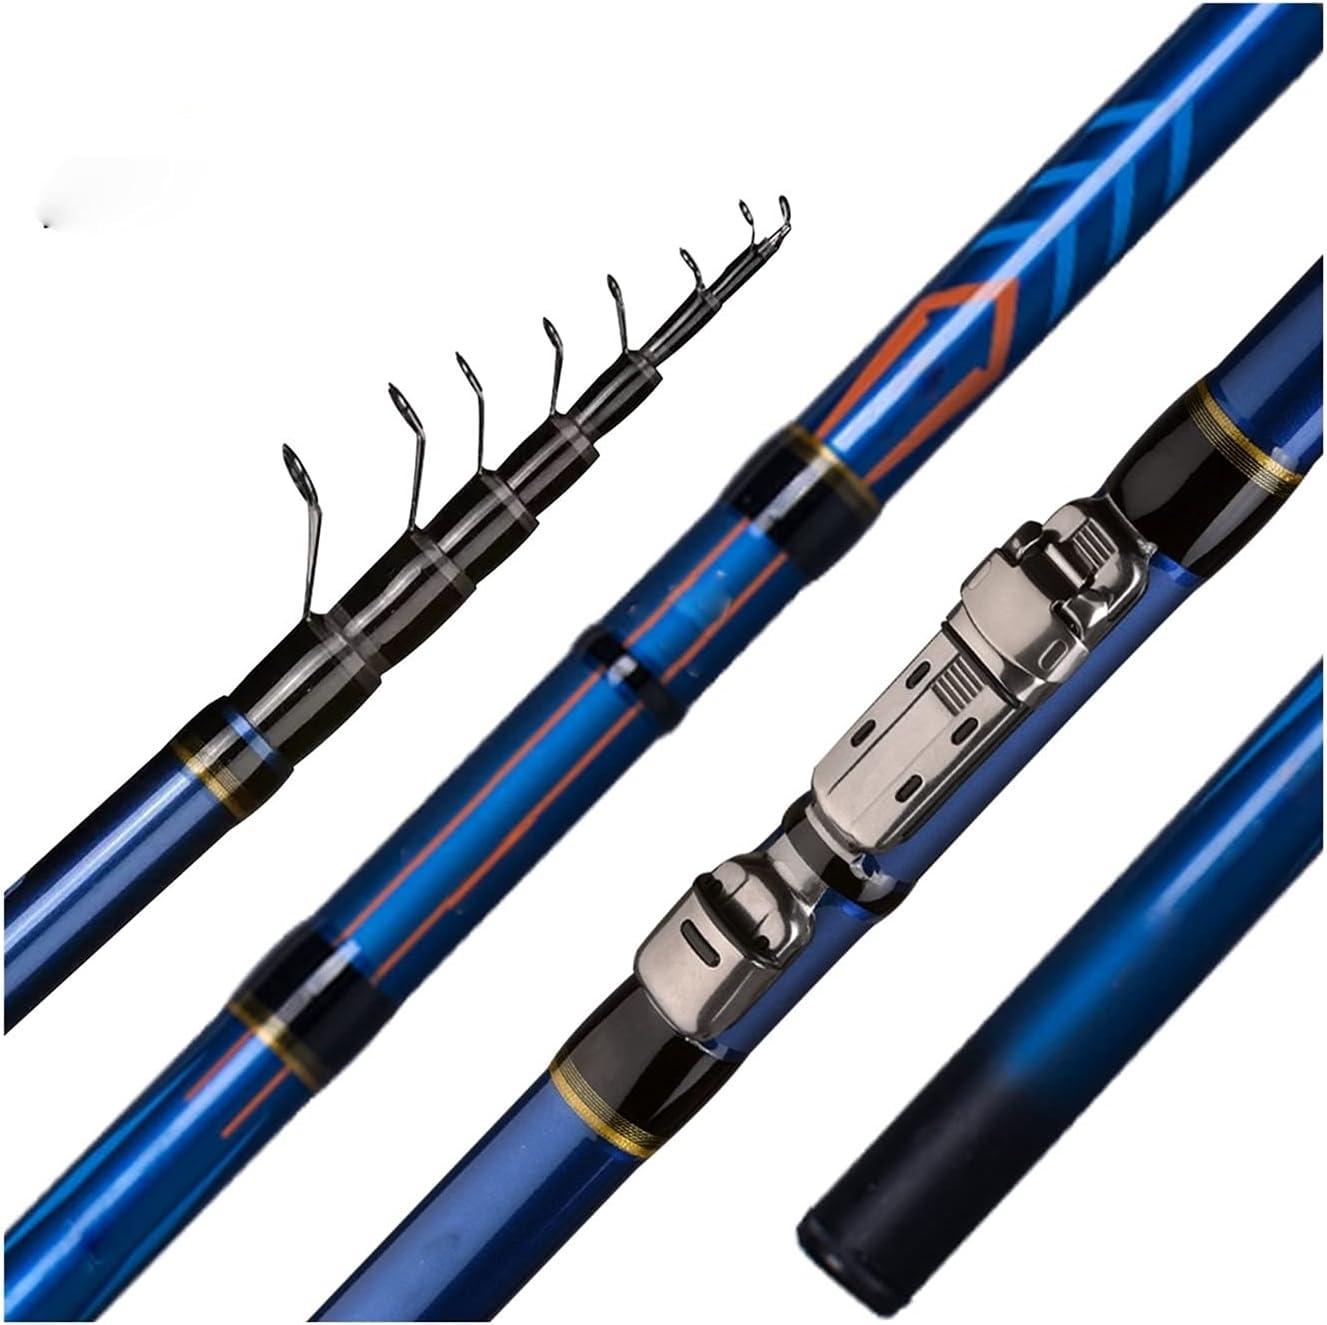 ZQDMBH Oakland Mall Fishing Rod Boston Mall Telescopic Bolognese 5 4 5.5 4.5